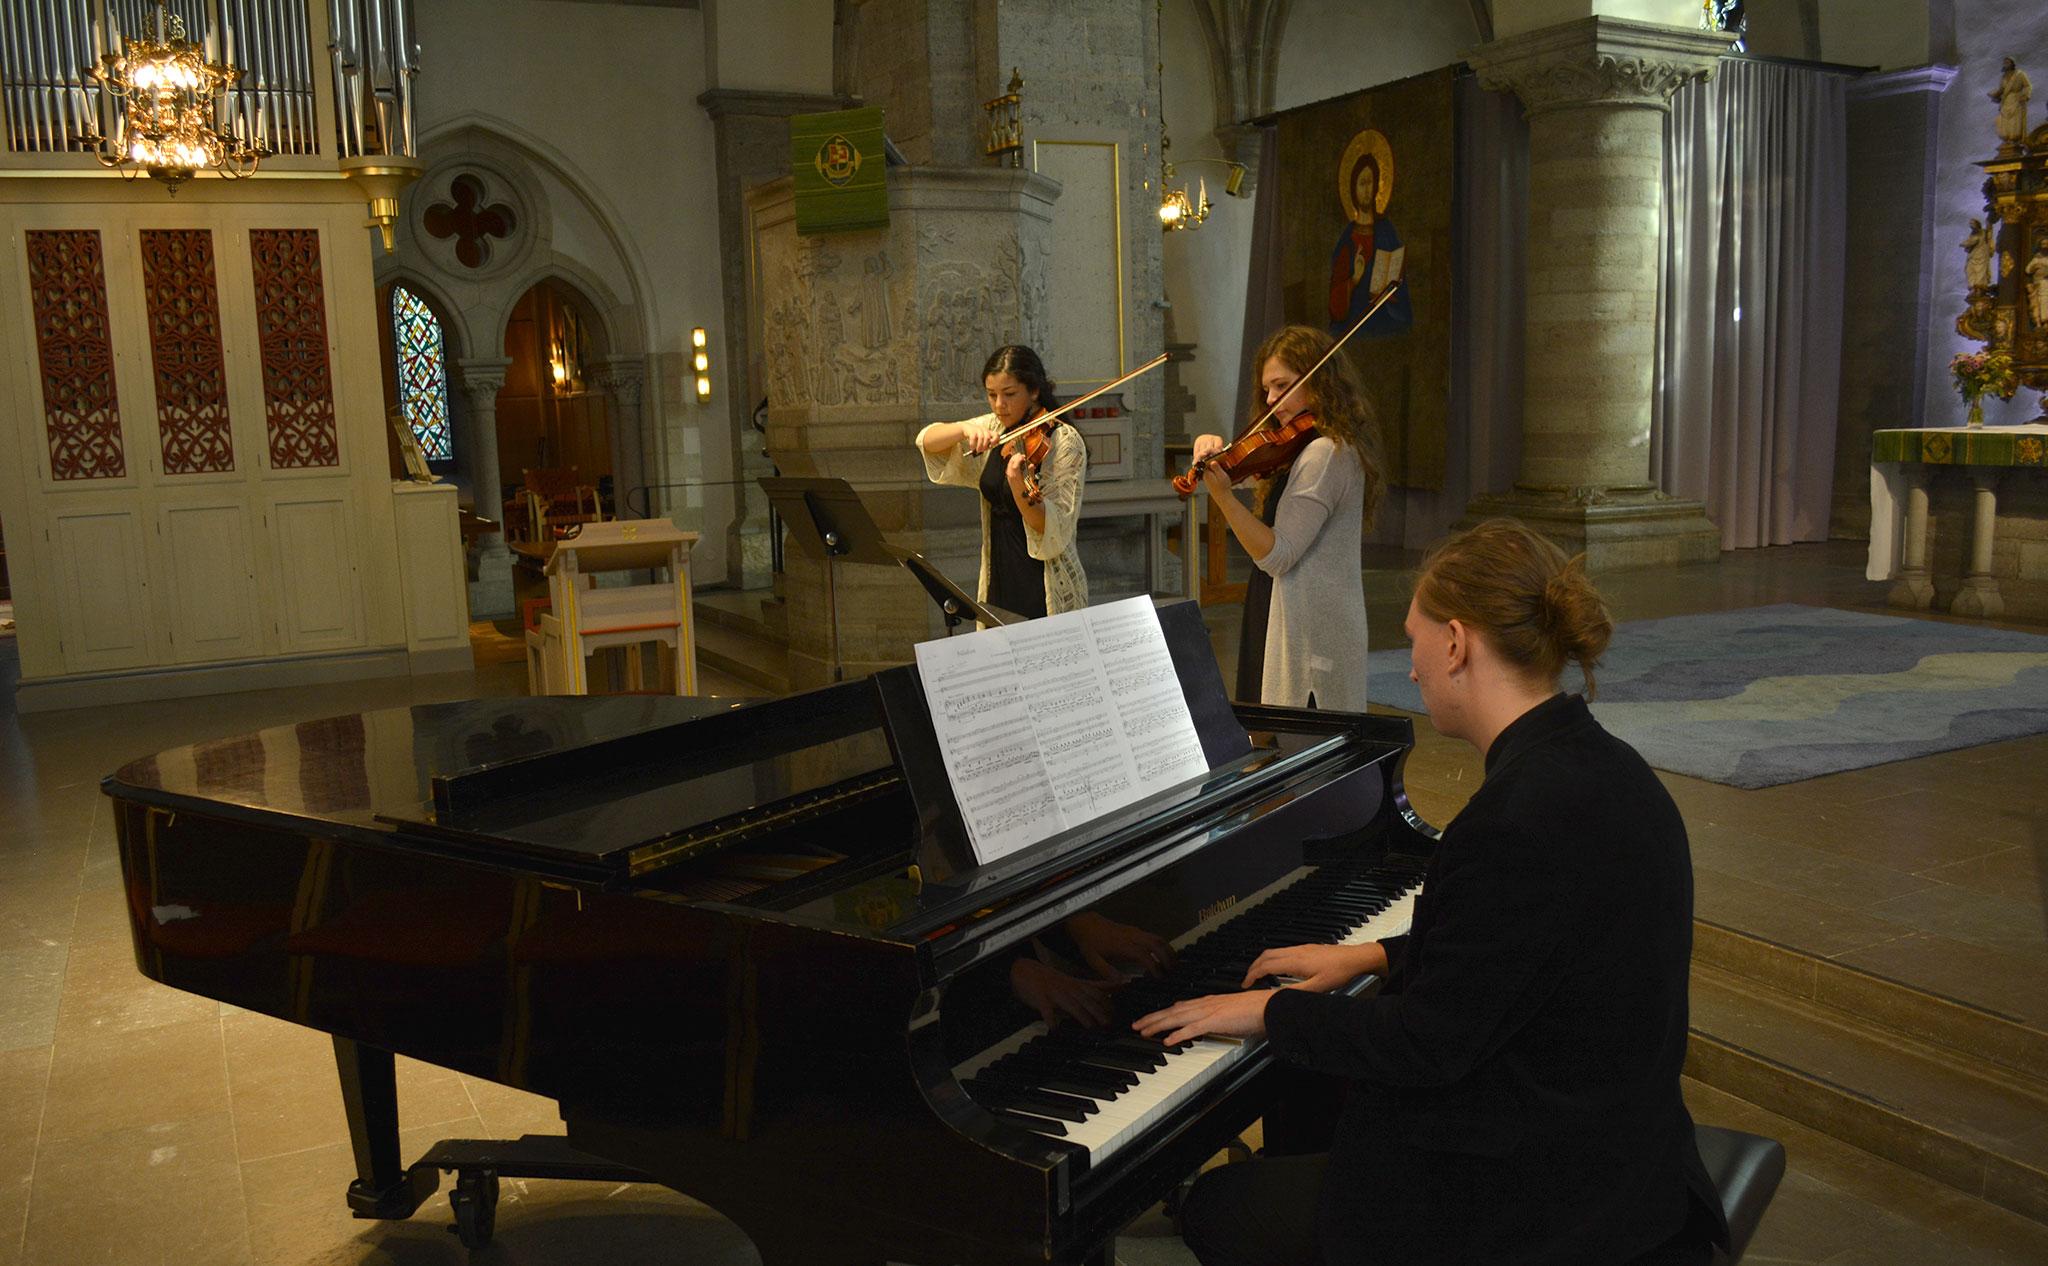 Konsert i kyrka. I förgrunden en pianist vid flyger. I bakgrunden blåsinstrument.